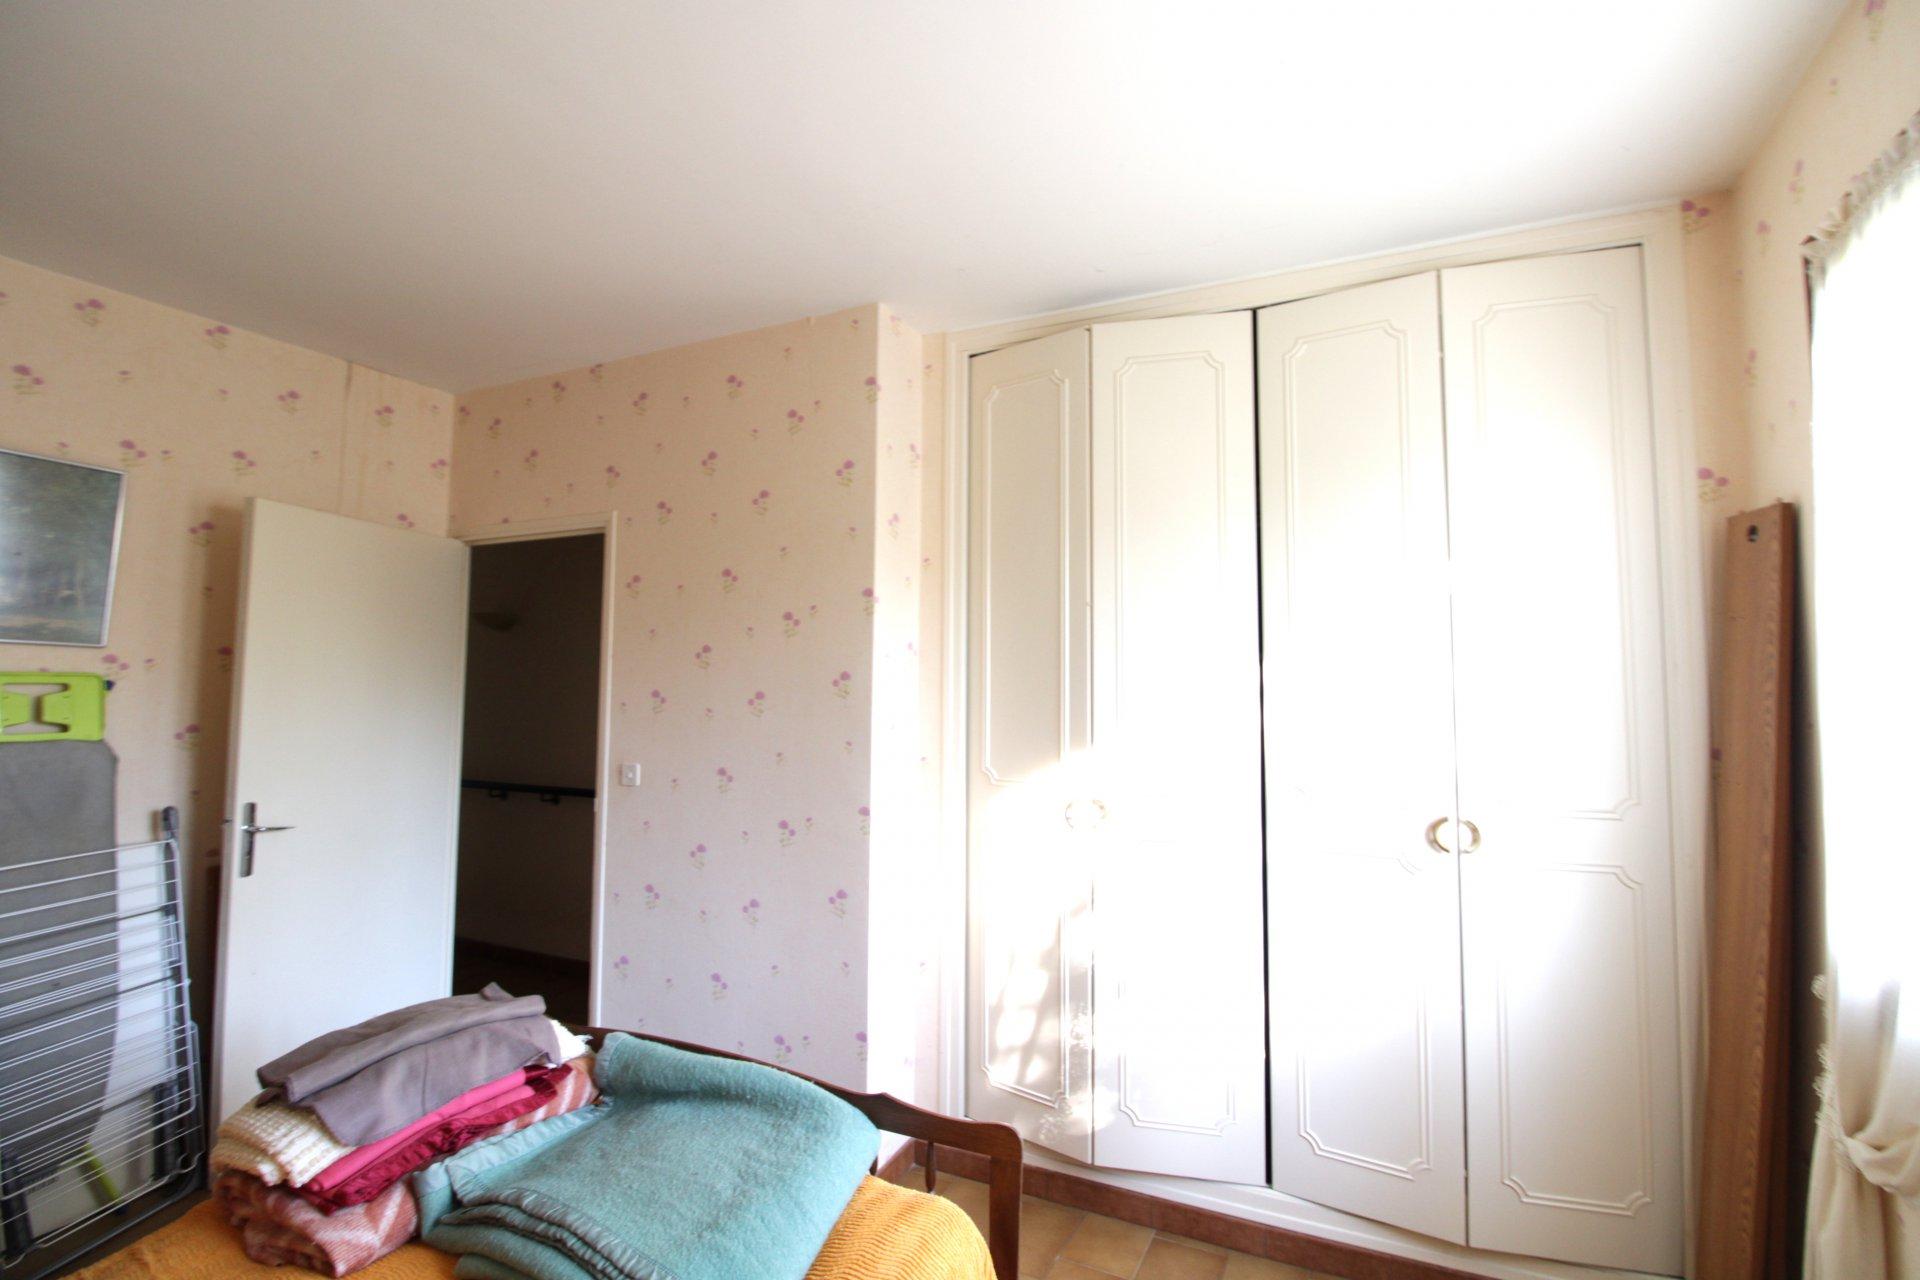 BESSIERES - Villa à 20mn du péage Toulouse-L'union avec étage aménageable